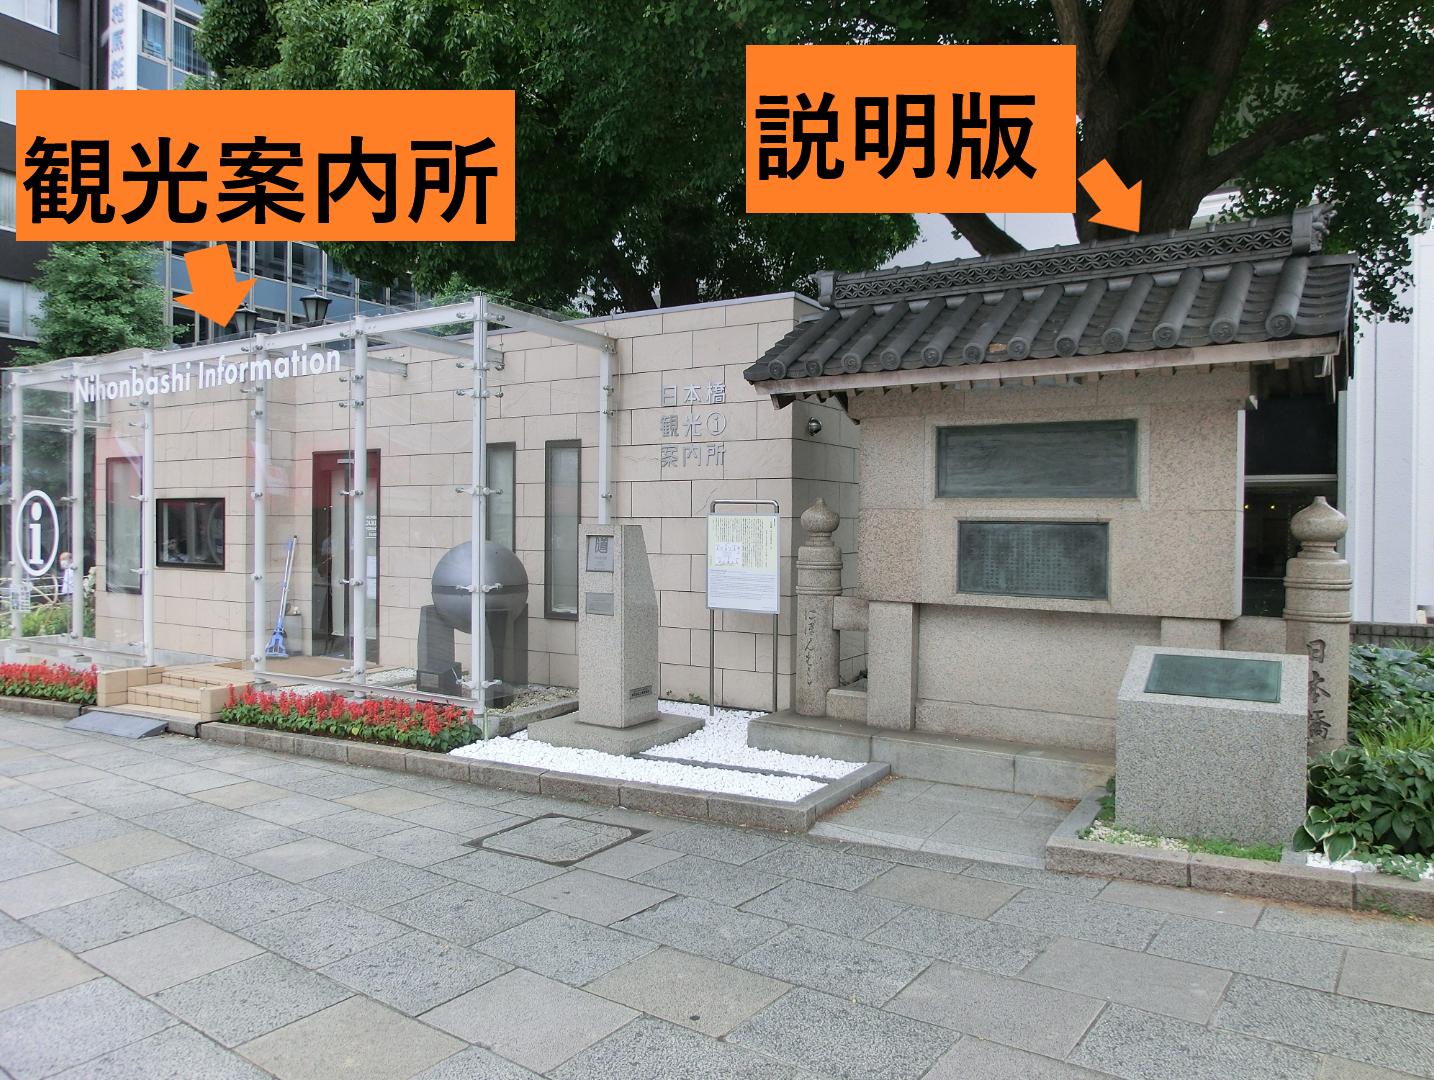 説明版と観光案内所 橋梁としての日本橋3